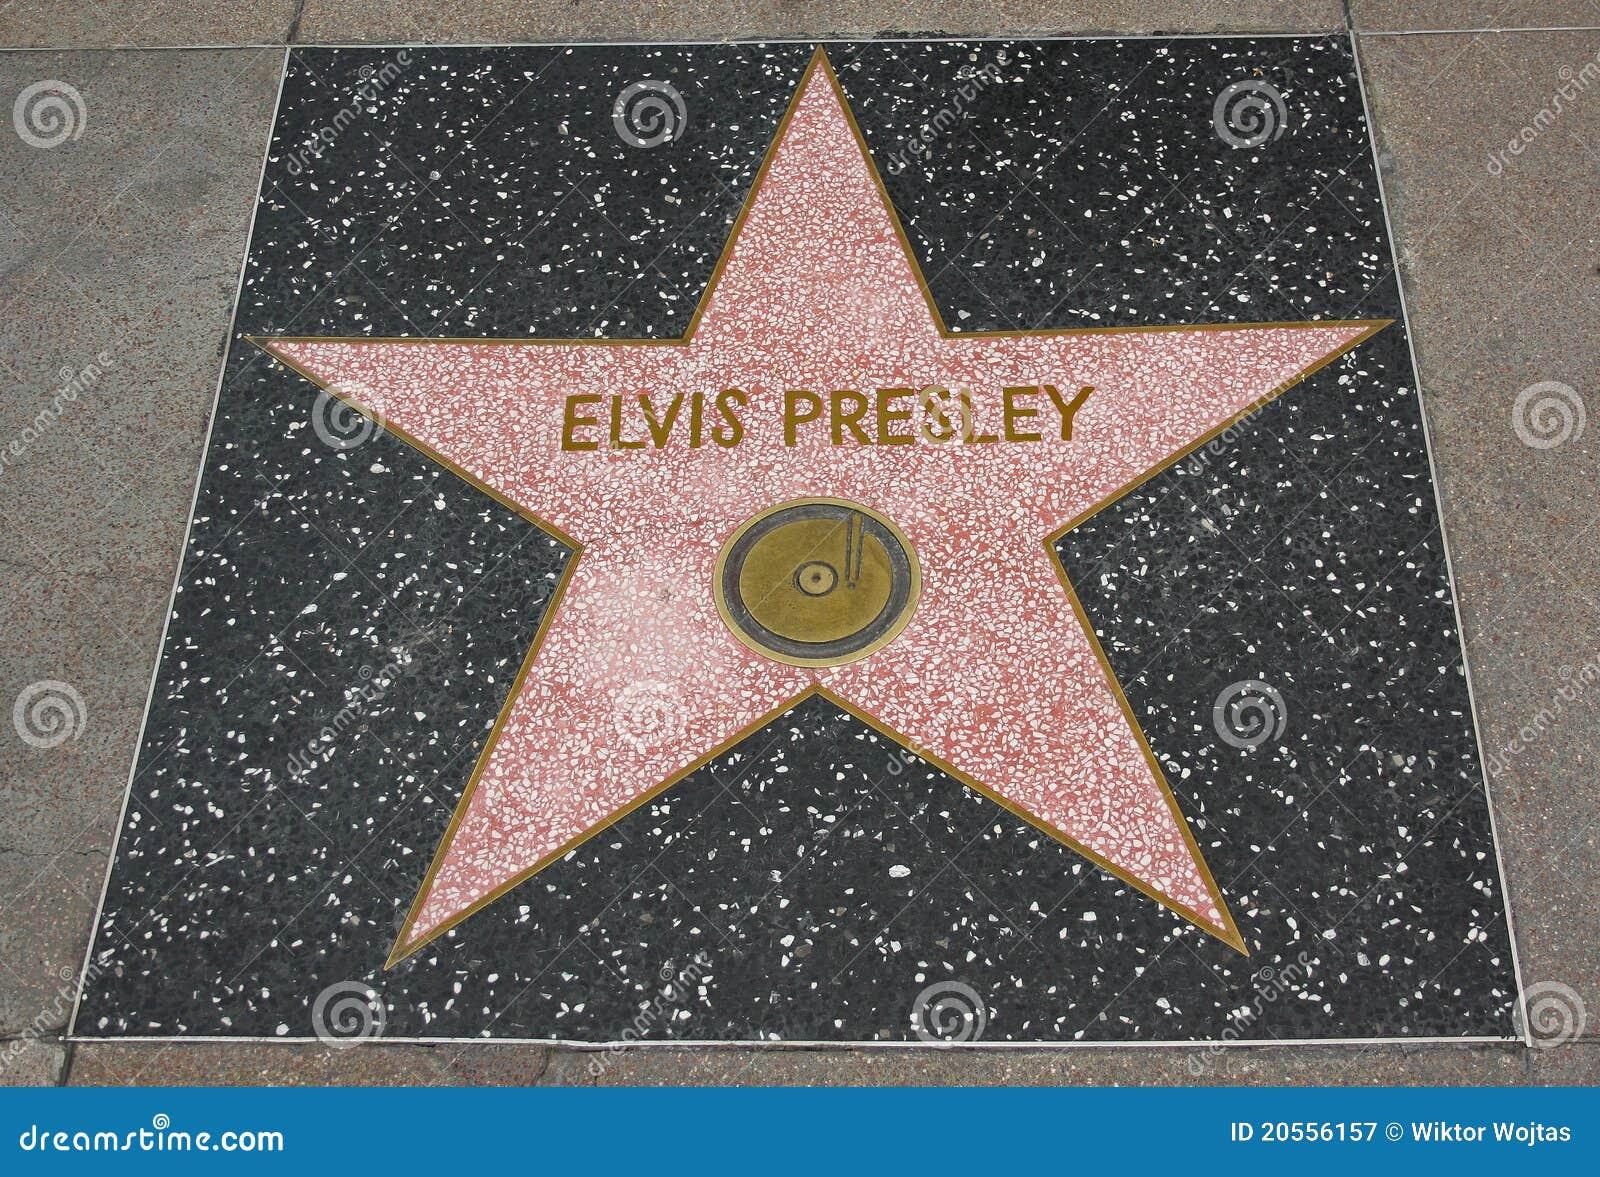 Elvis sławy Hollywood presley spacer